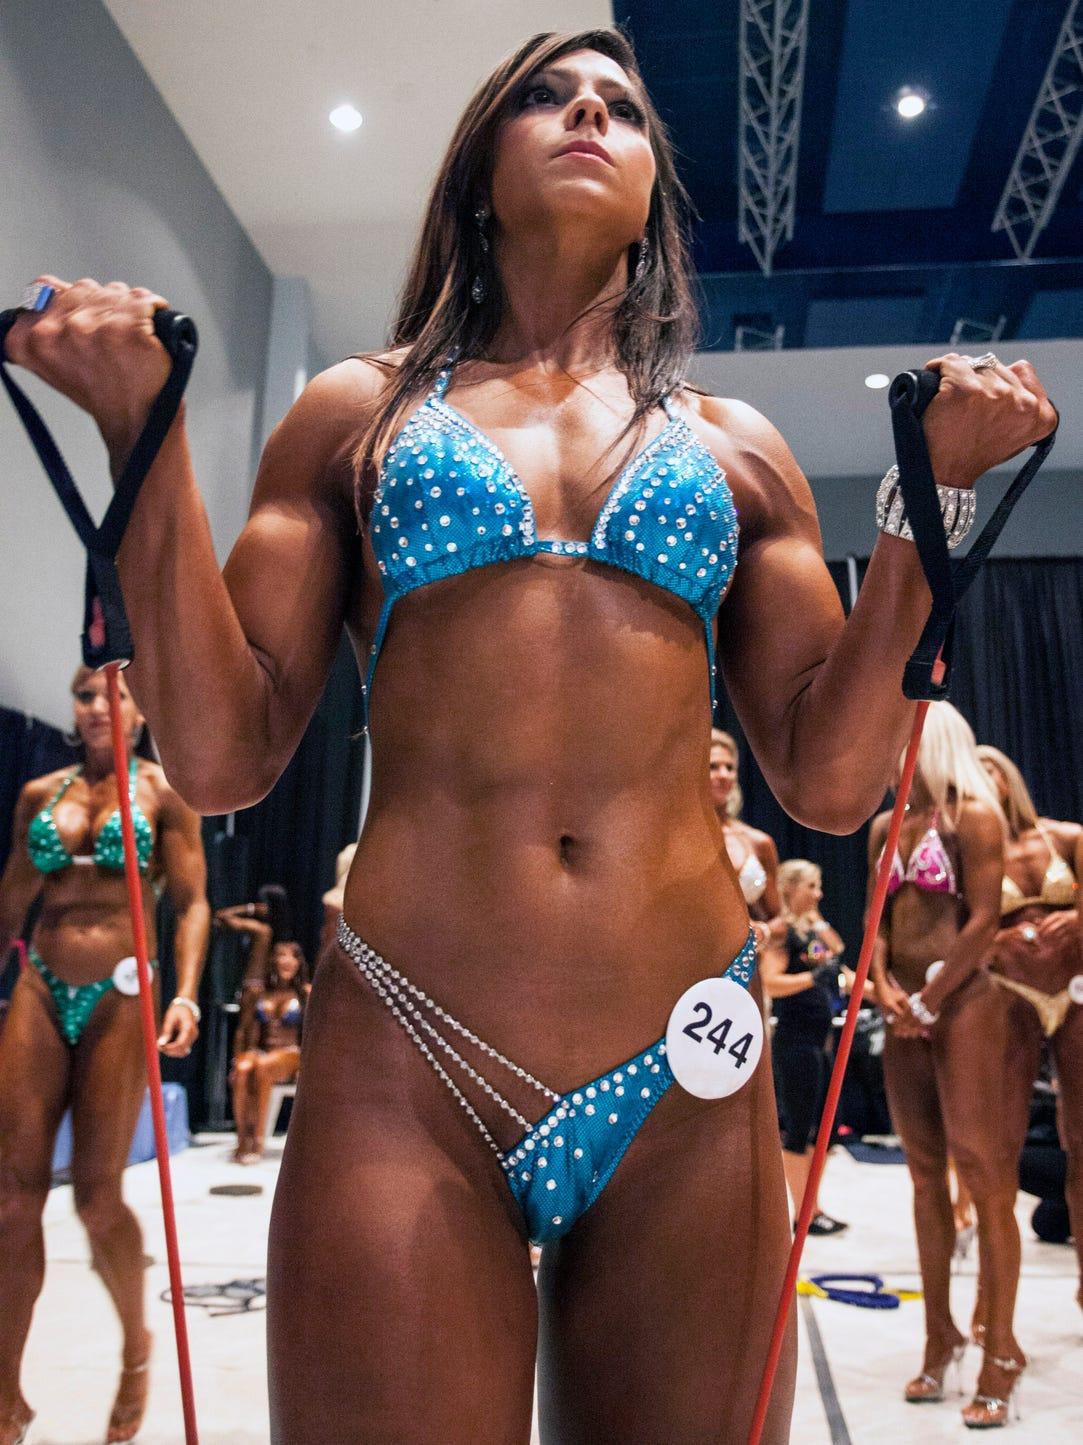 Shaina Gonzalez prepares for a stage entrance.